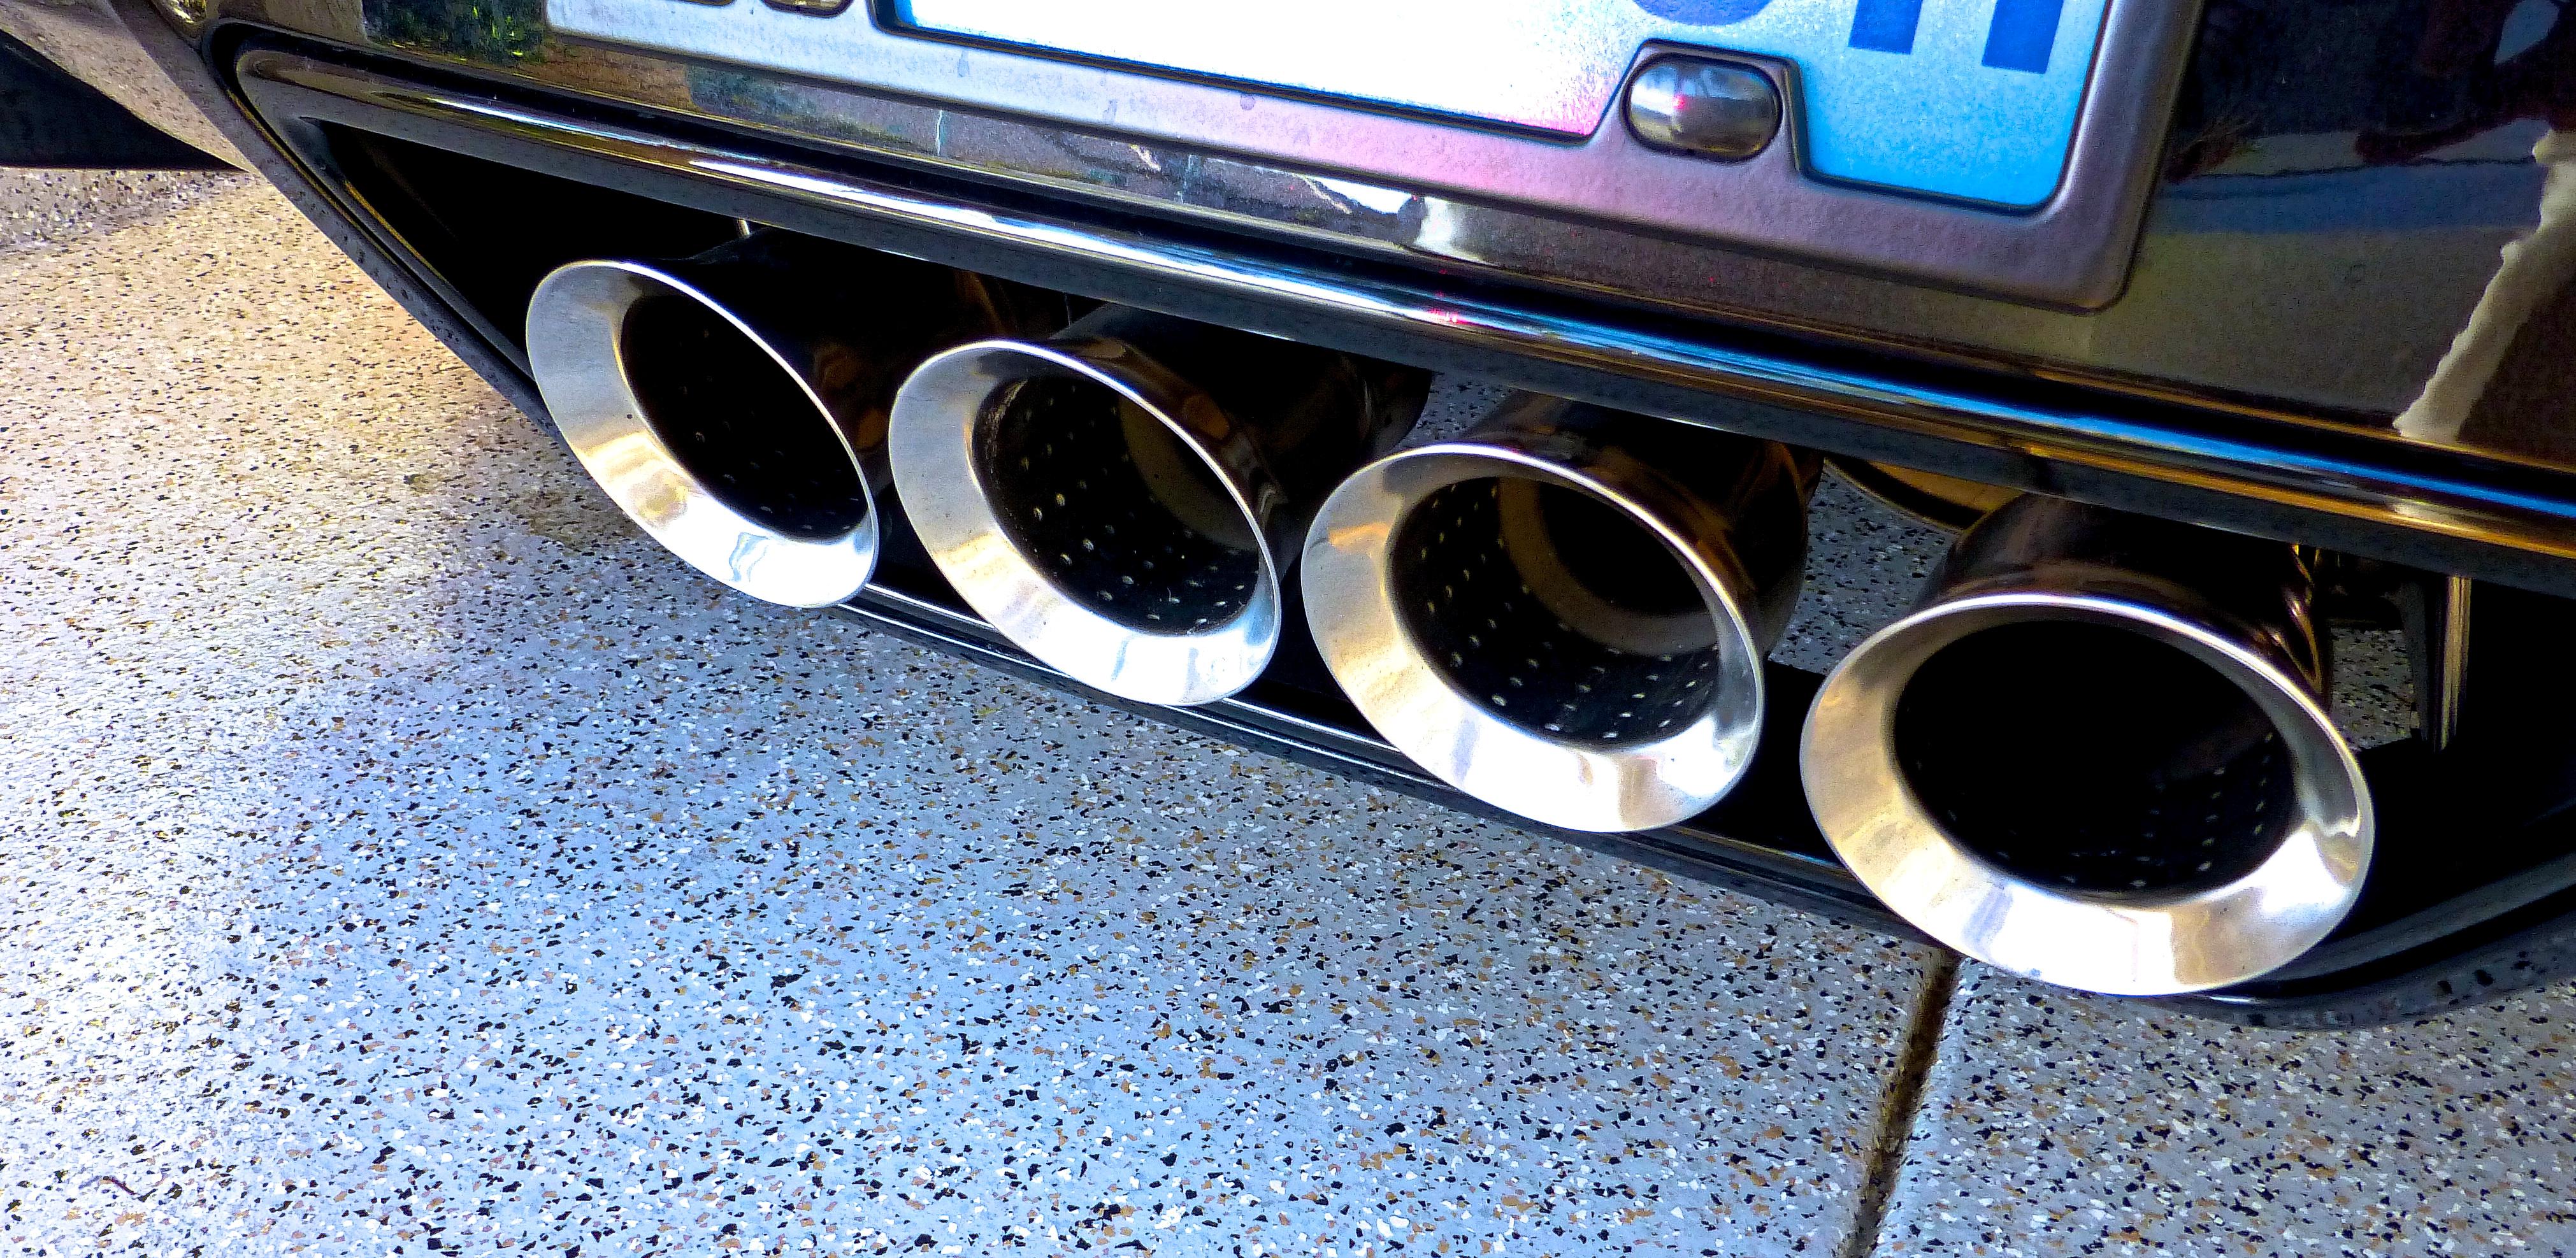 Exhaust Tip Polishing